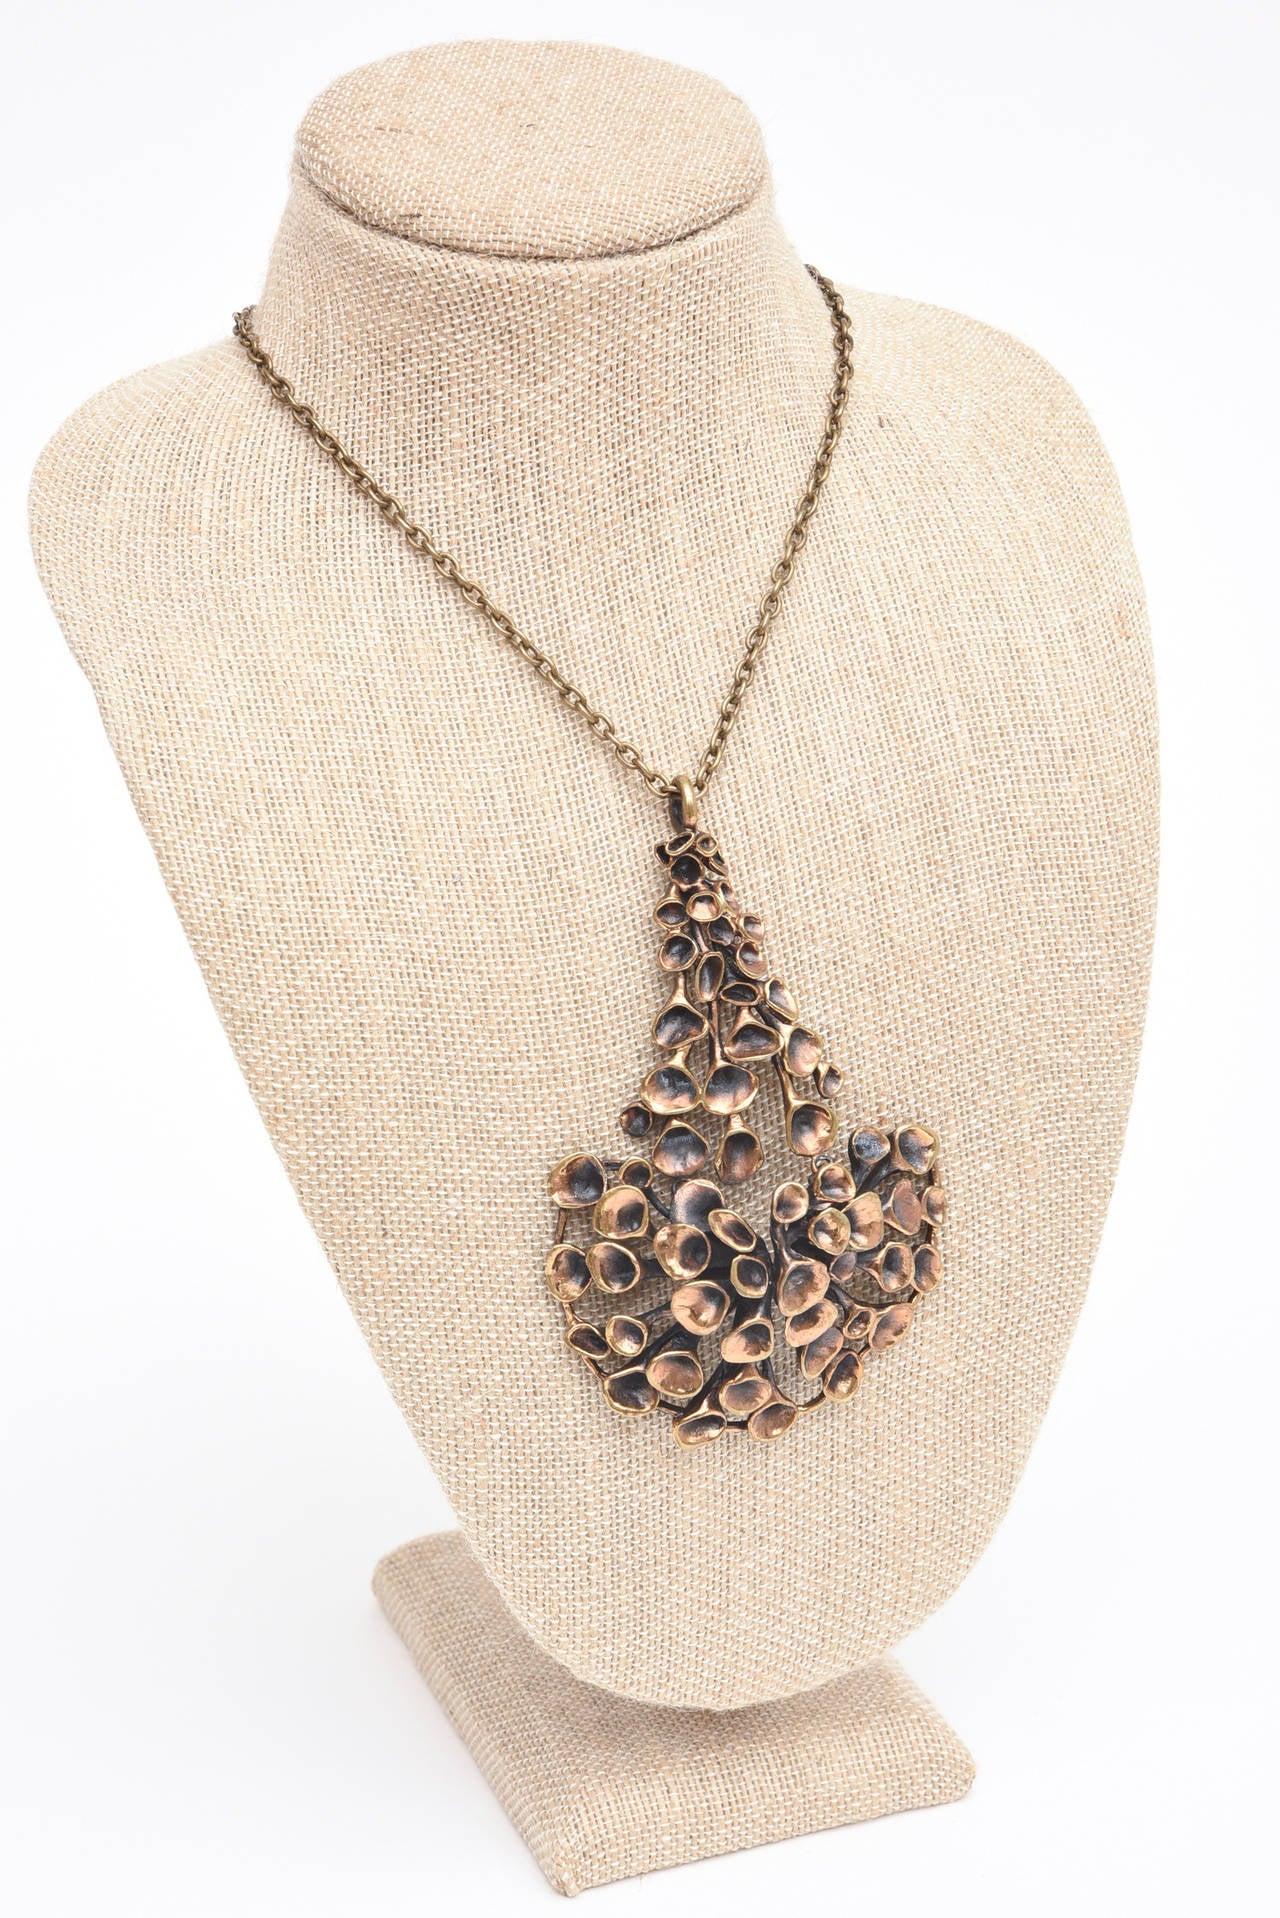 Bronze Brutalist Studio Necklace 4